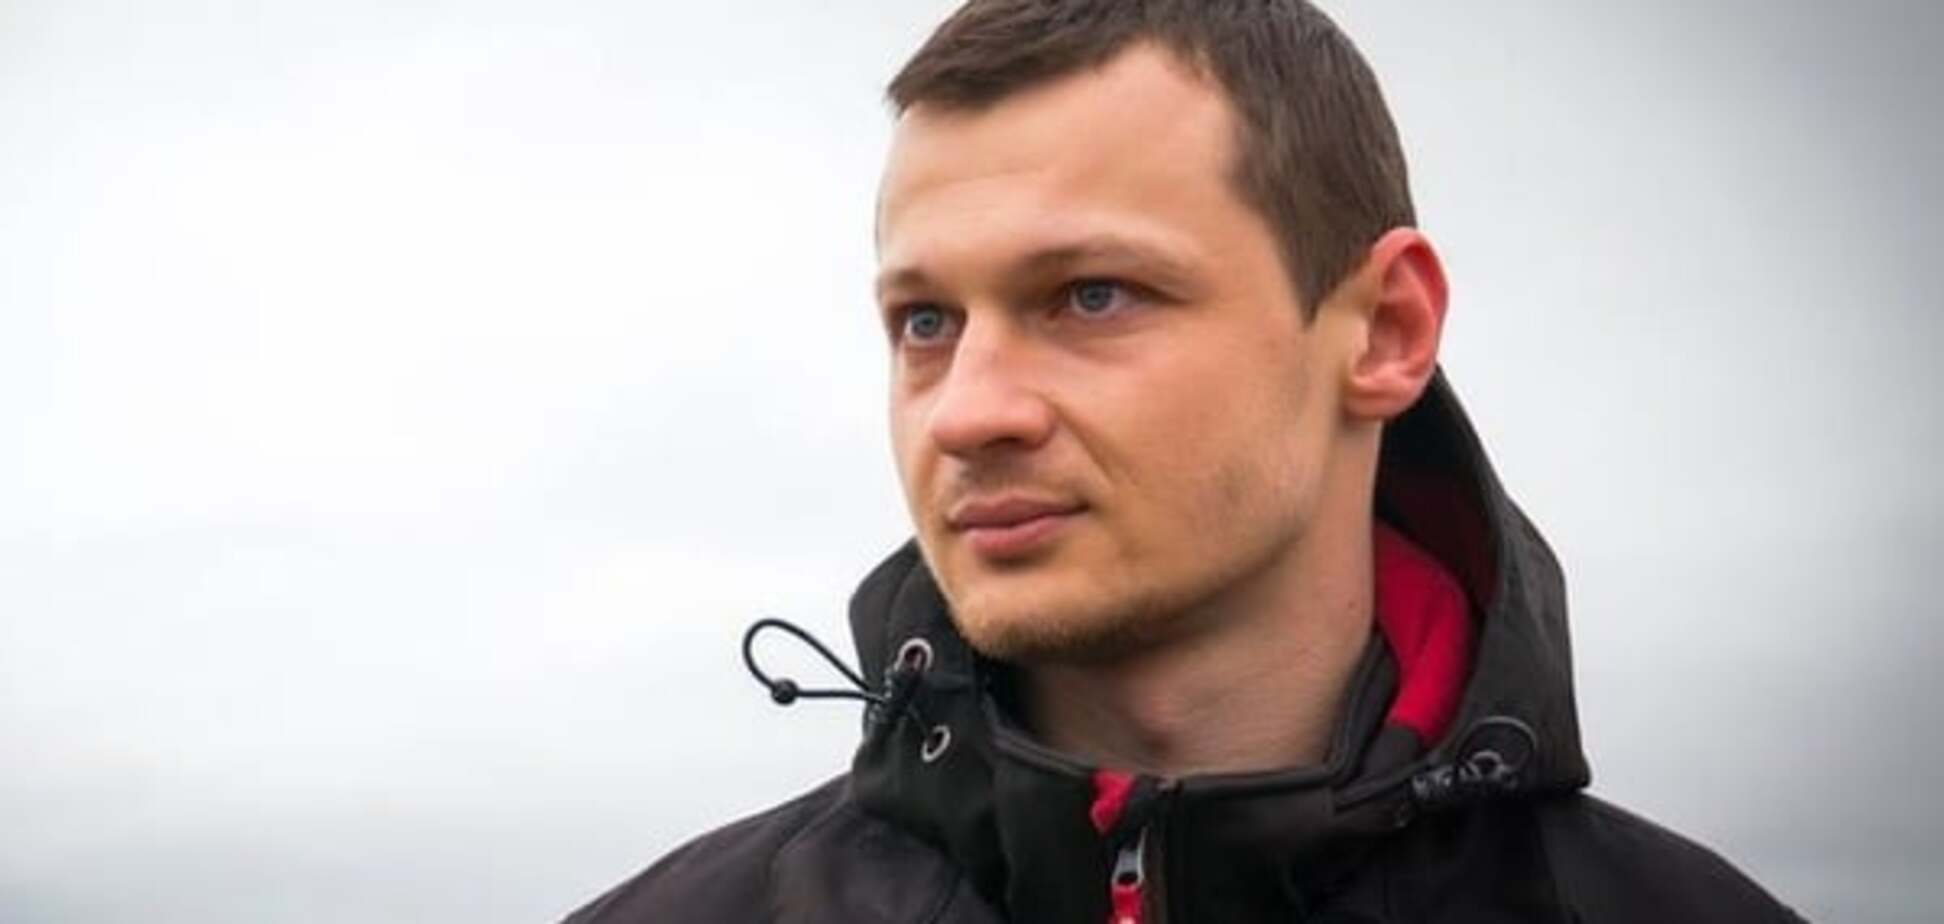 'Азовець' Краснов назвав своє затримання 'помстою СБУ'